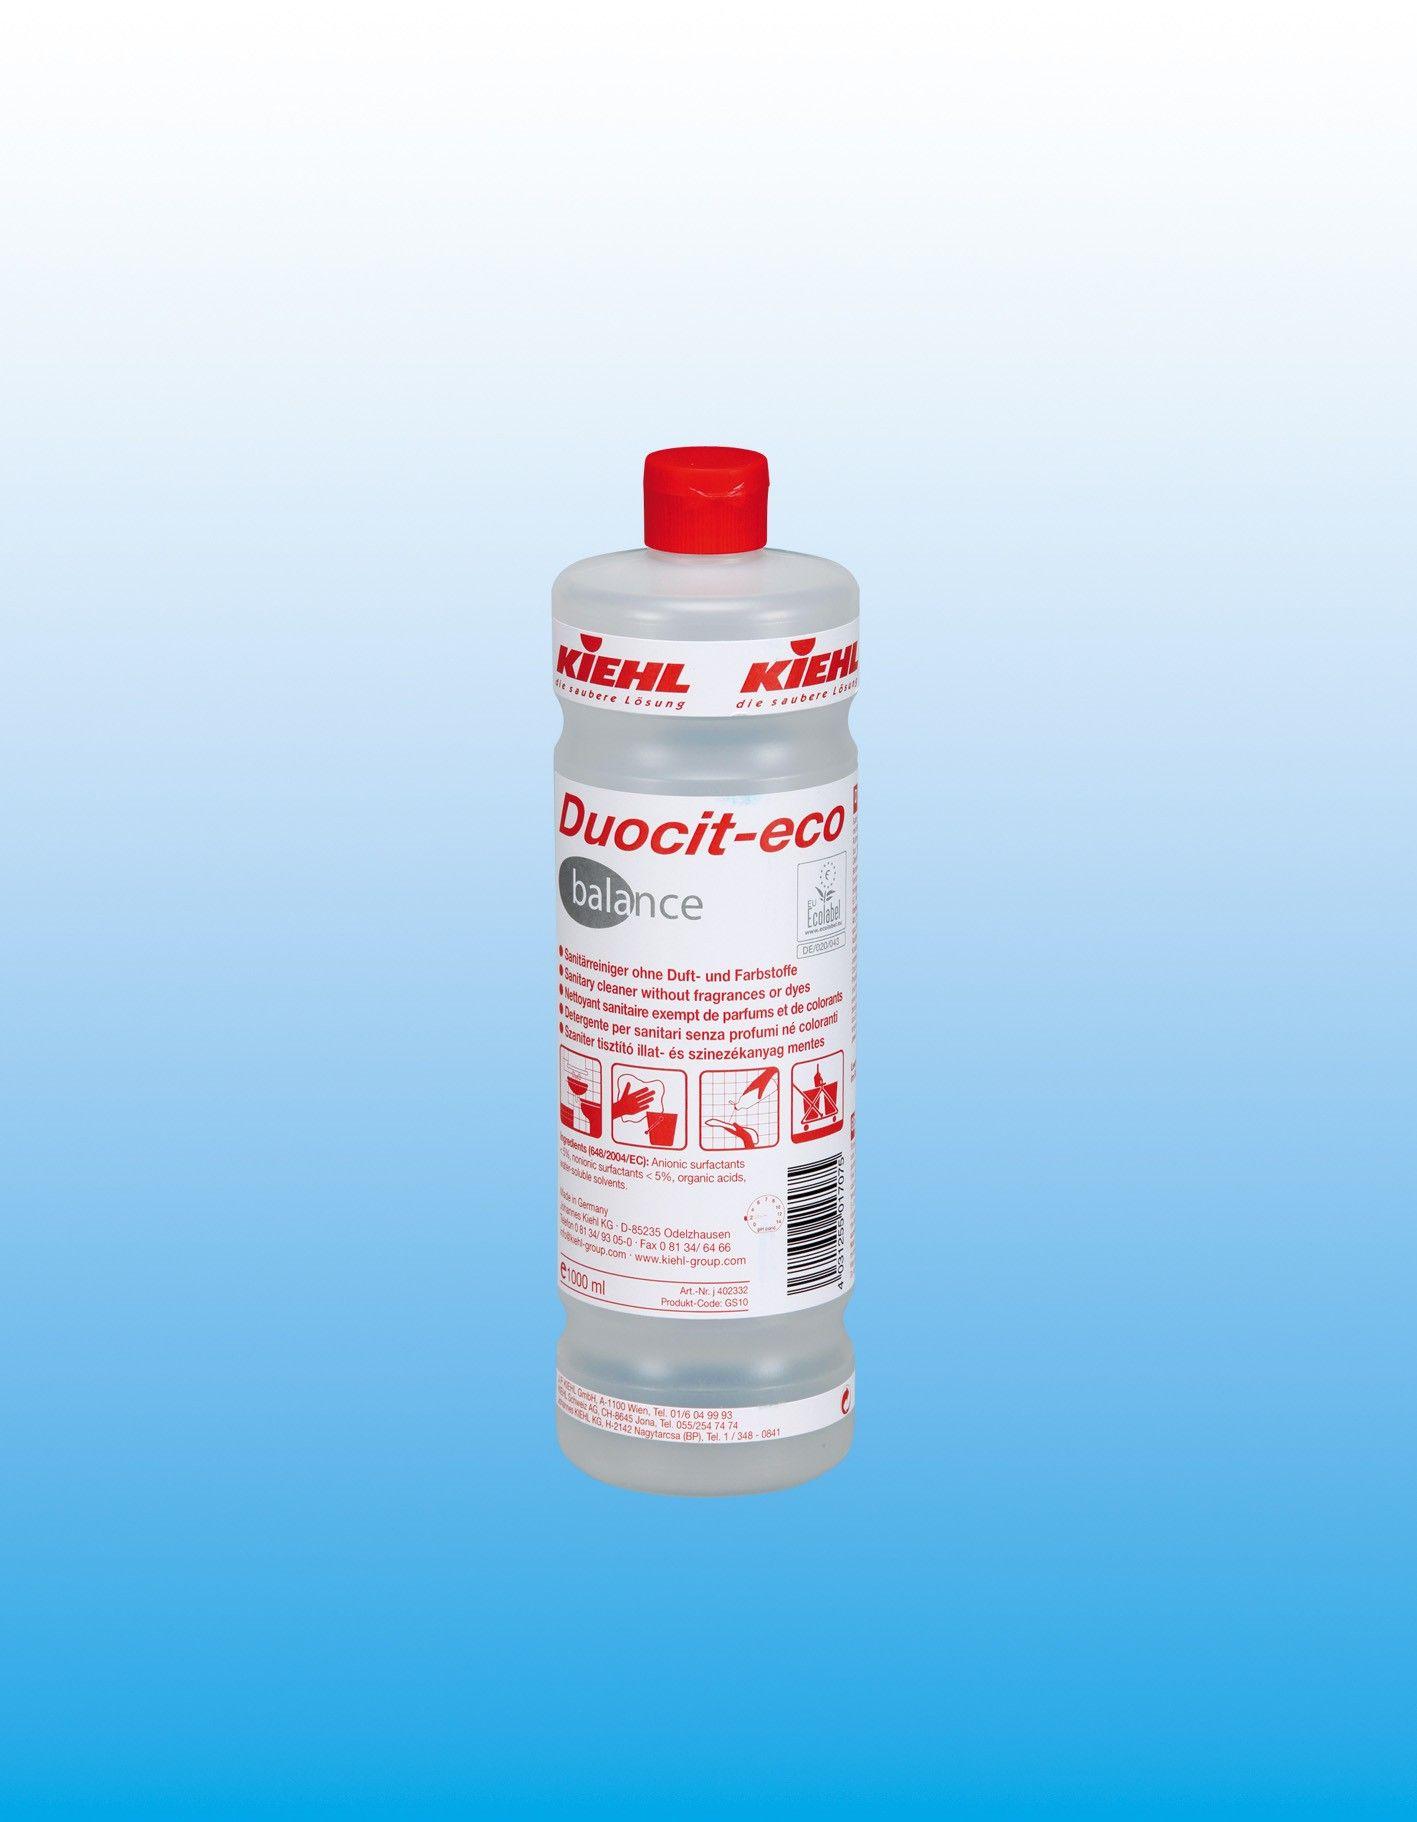 Средство для санитарных помещений, без цвета и запаха, канистра 10 л, Duocit-eco balance, Johannes Kiehl KG